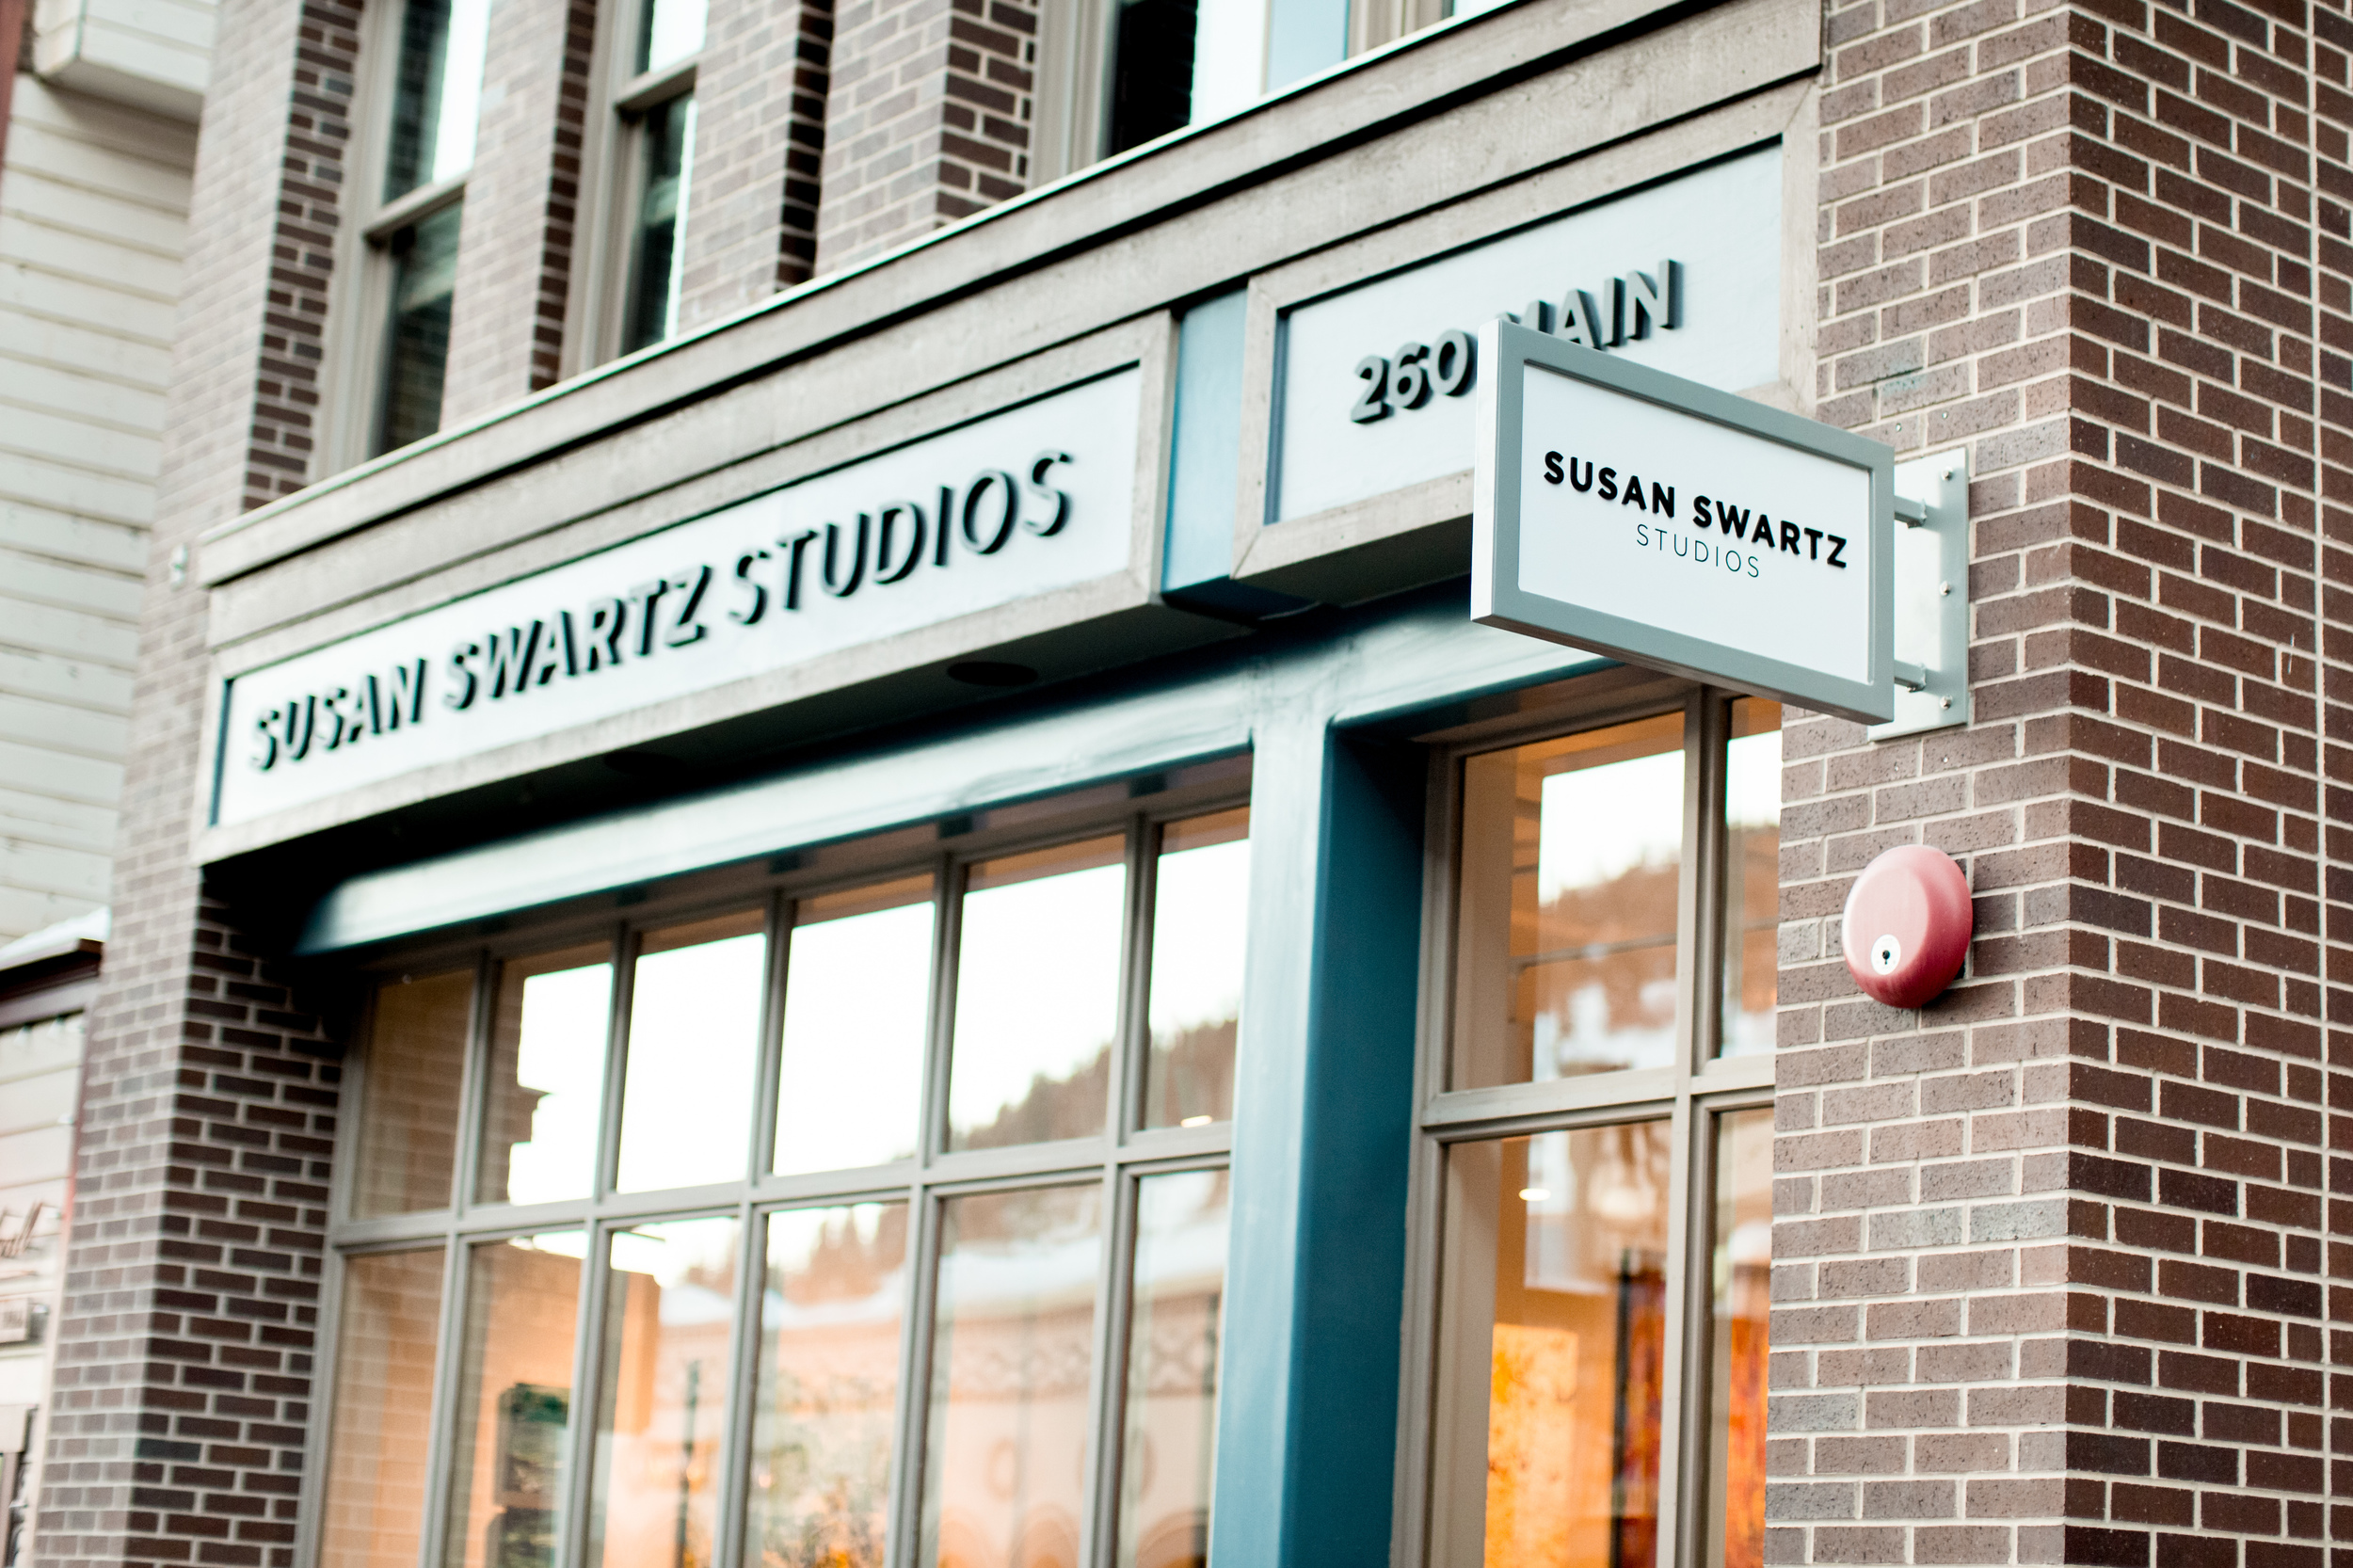 Susan Swartz Studios